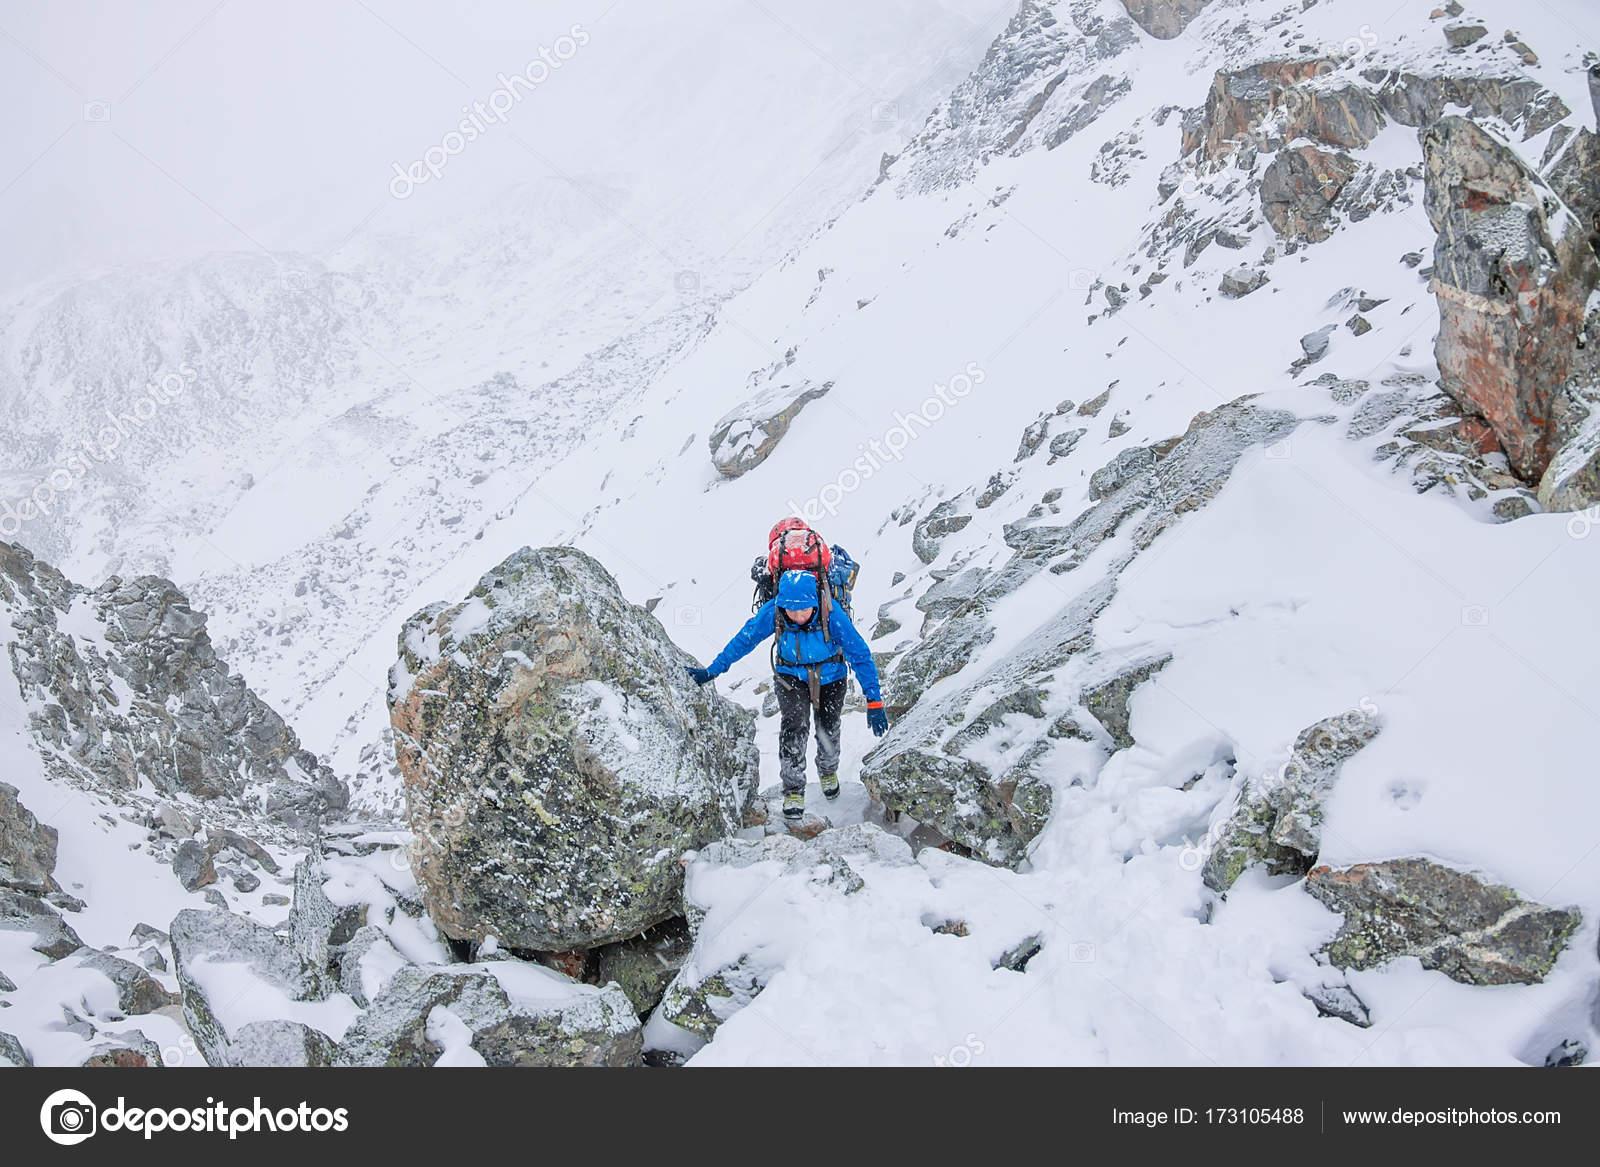 Klettergurt Mit Helm : Weibliche bergsteiger mit rucksack helm und klettergurt